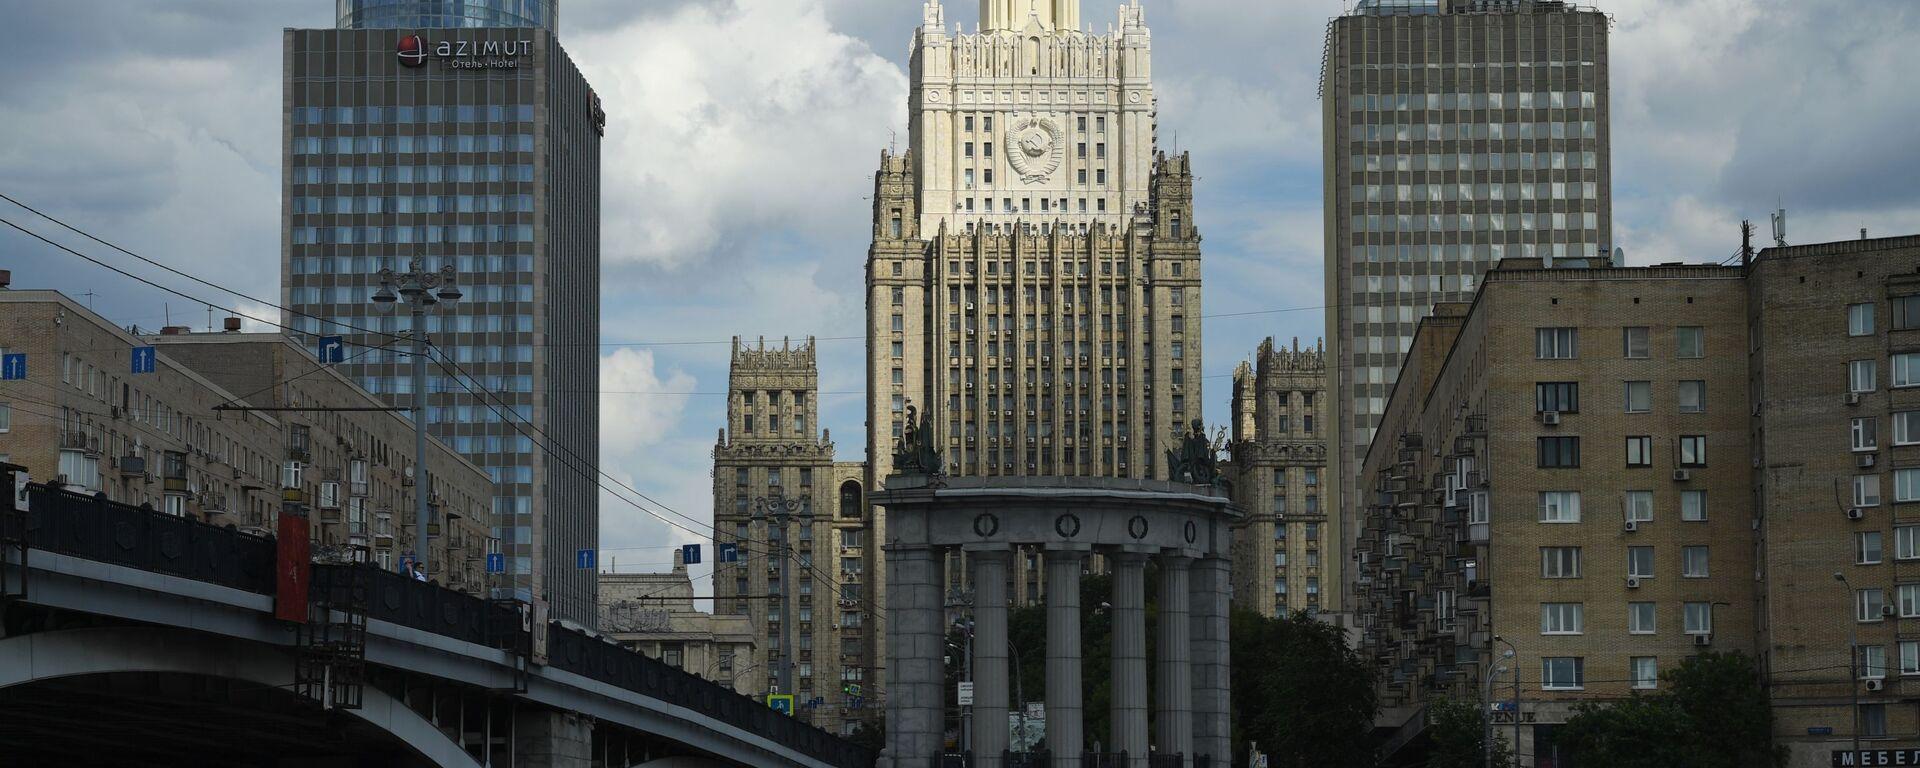 Руско министарство спољних послова - Sputnik Србија, 1920, 10.09.2021